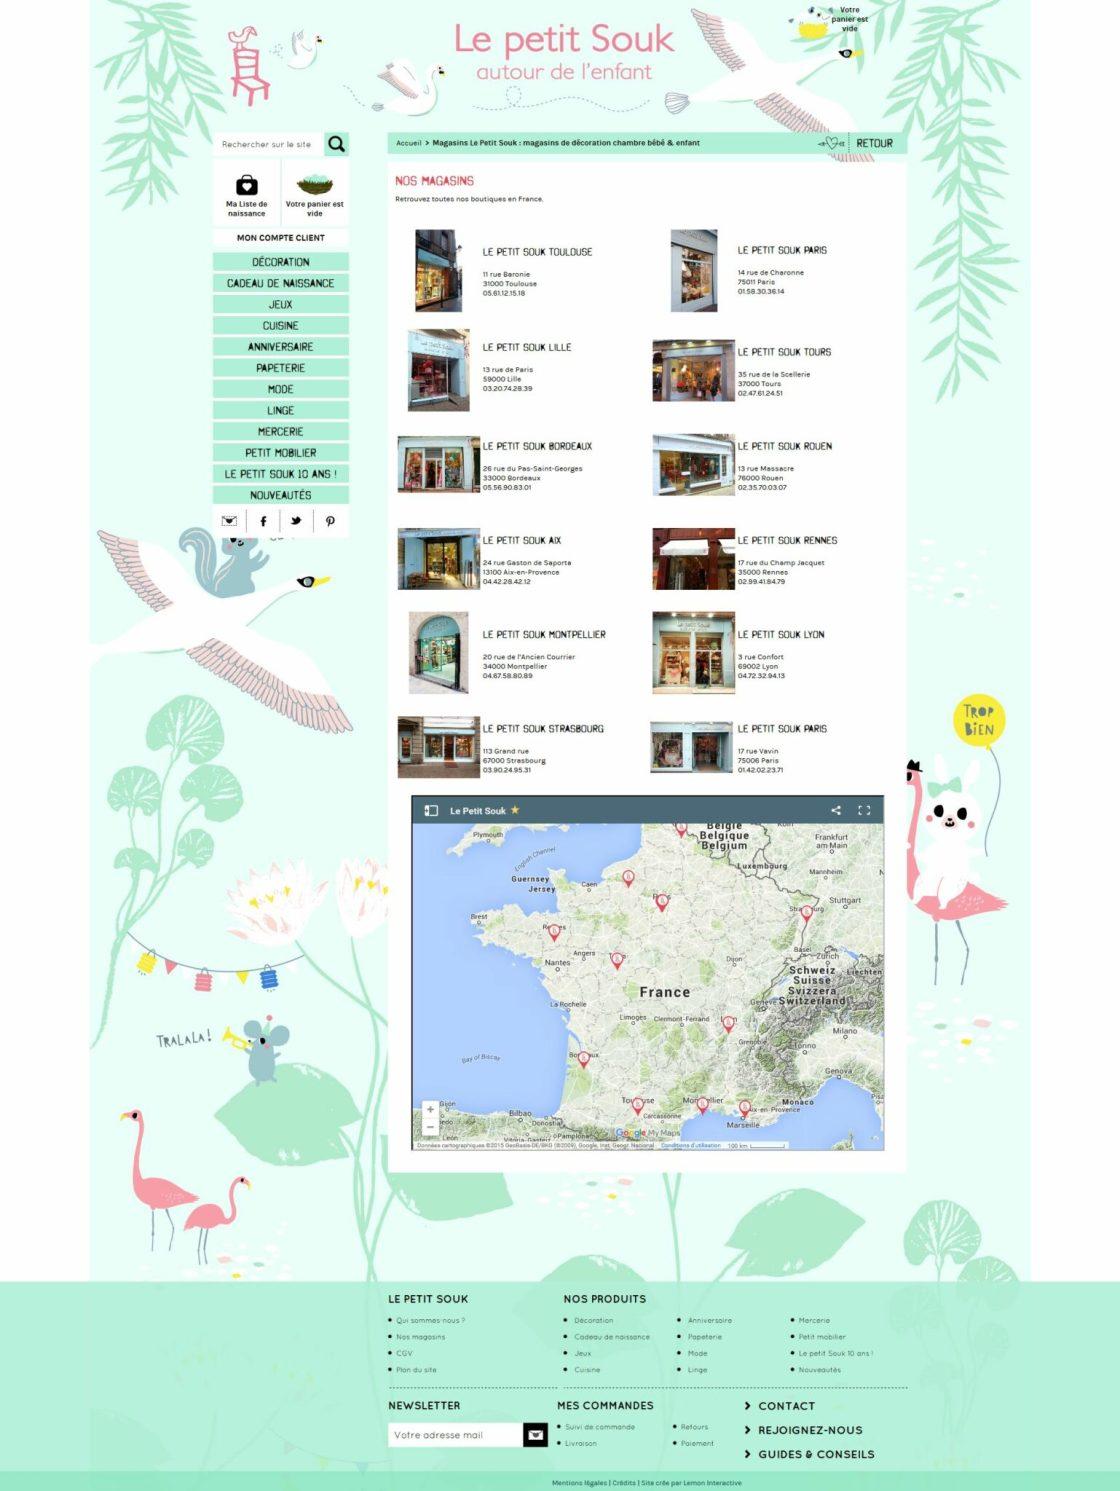 Le Petit Souk - Page magasins